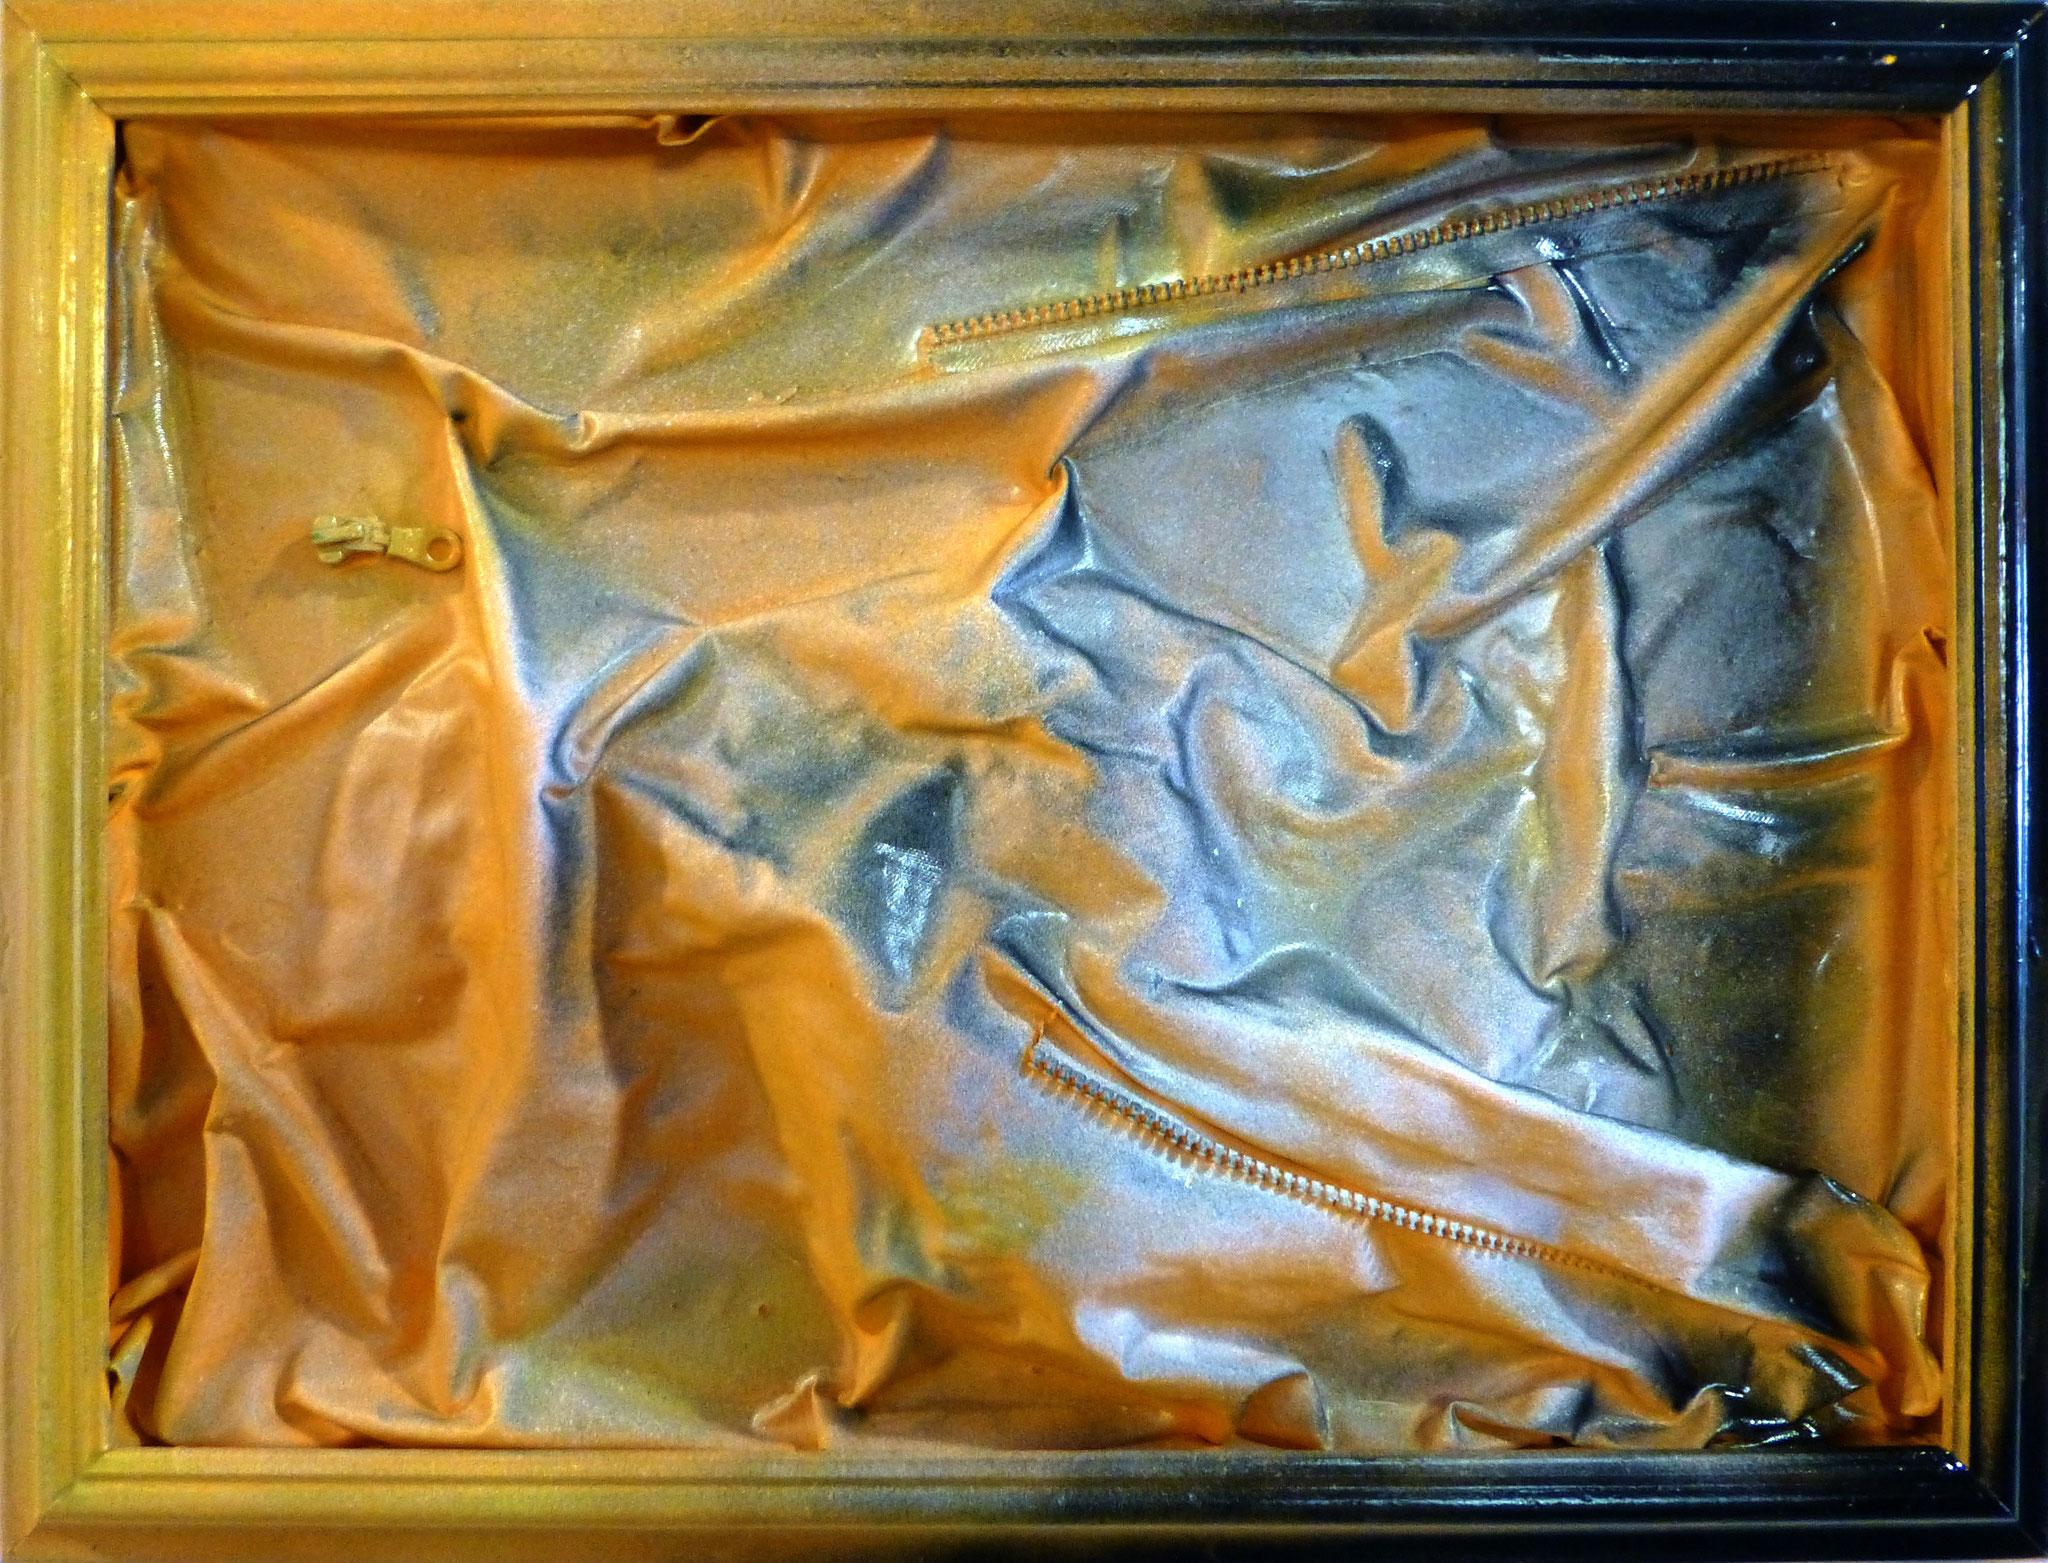 """""""It's Coming"""" , cm 69,5 x 52,5 /Technique mixte sur toile avec fermeture éclair /Année 2016 /Publié www.ritzow. com /Exposé Galleria ArteCapital Brescia, Showroom Ritzow Milano, Galerie Kunst und Medizin Berlin, Au verso Signature, Année, Timbre"""